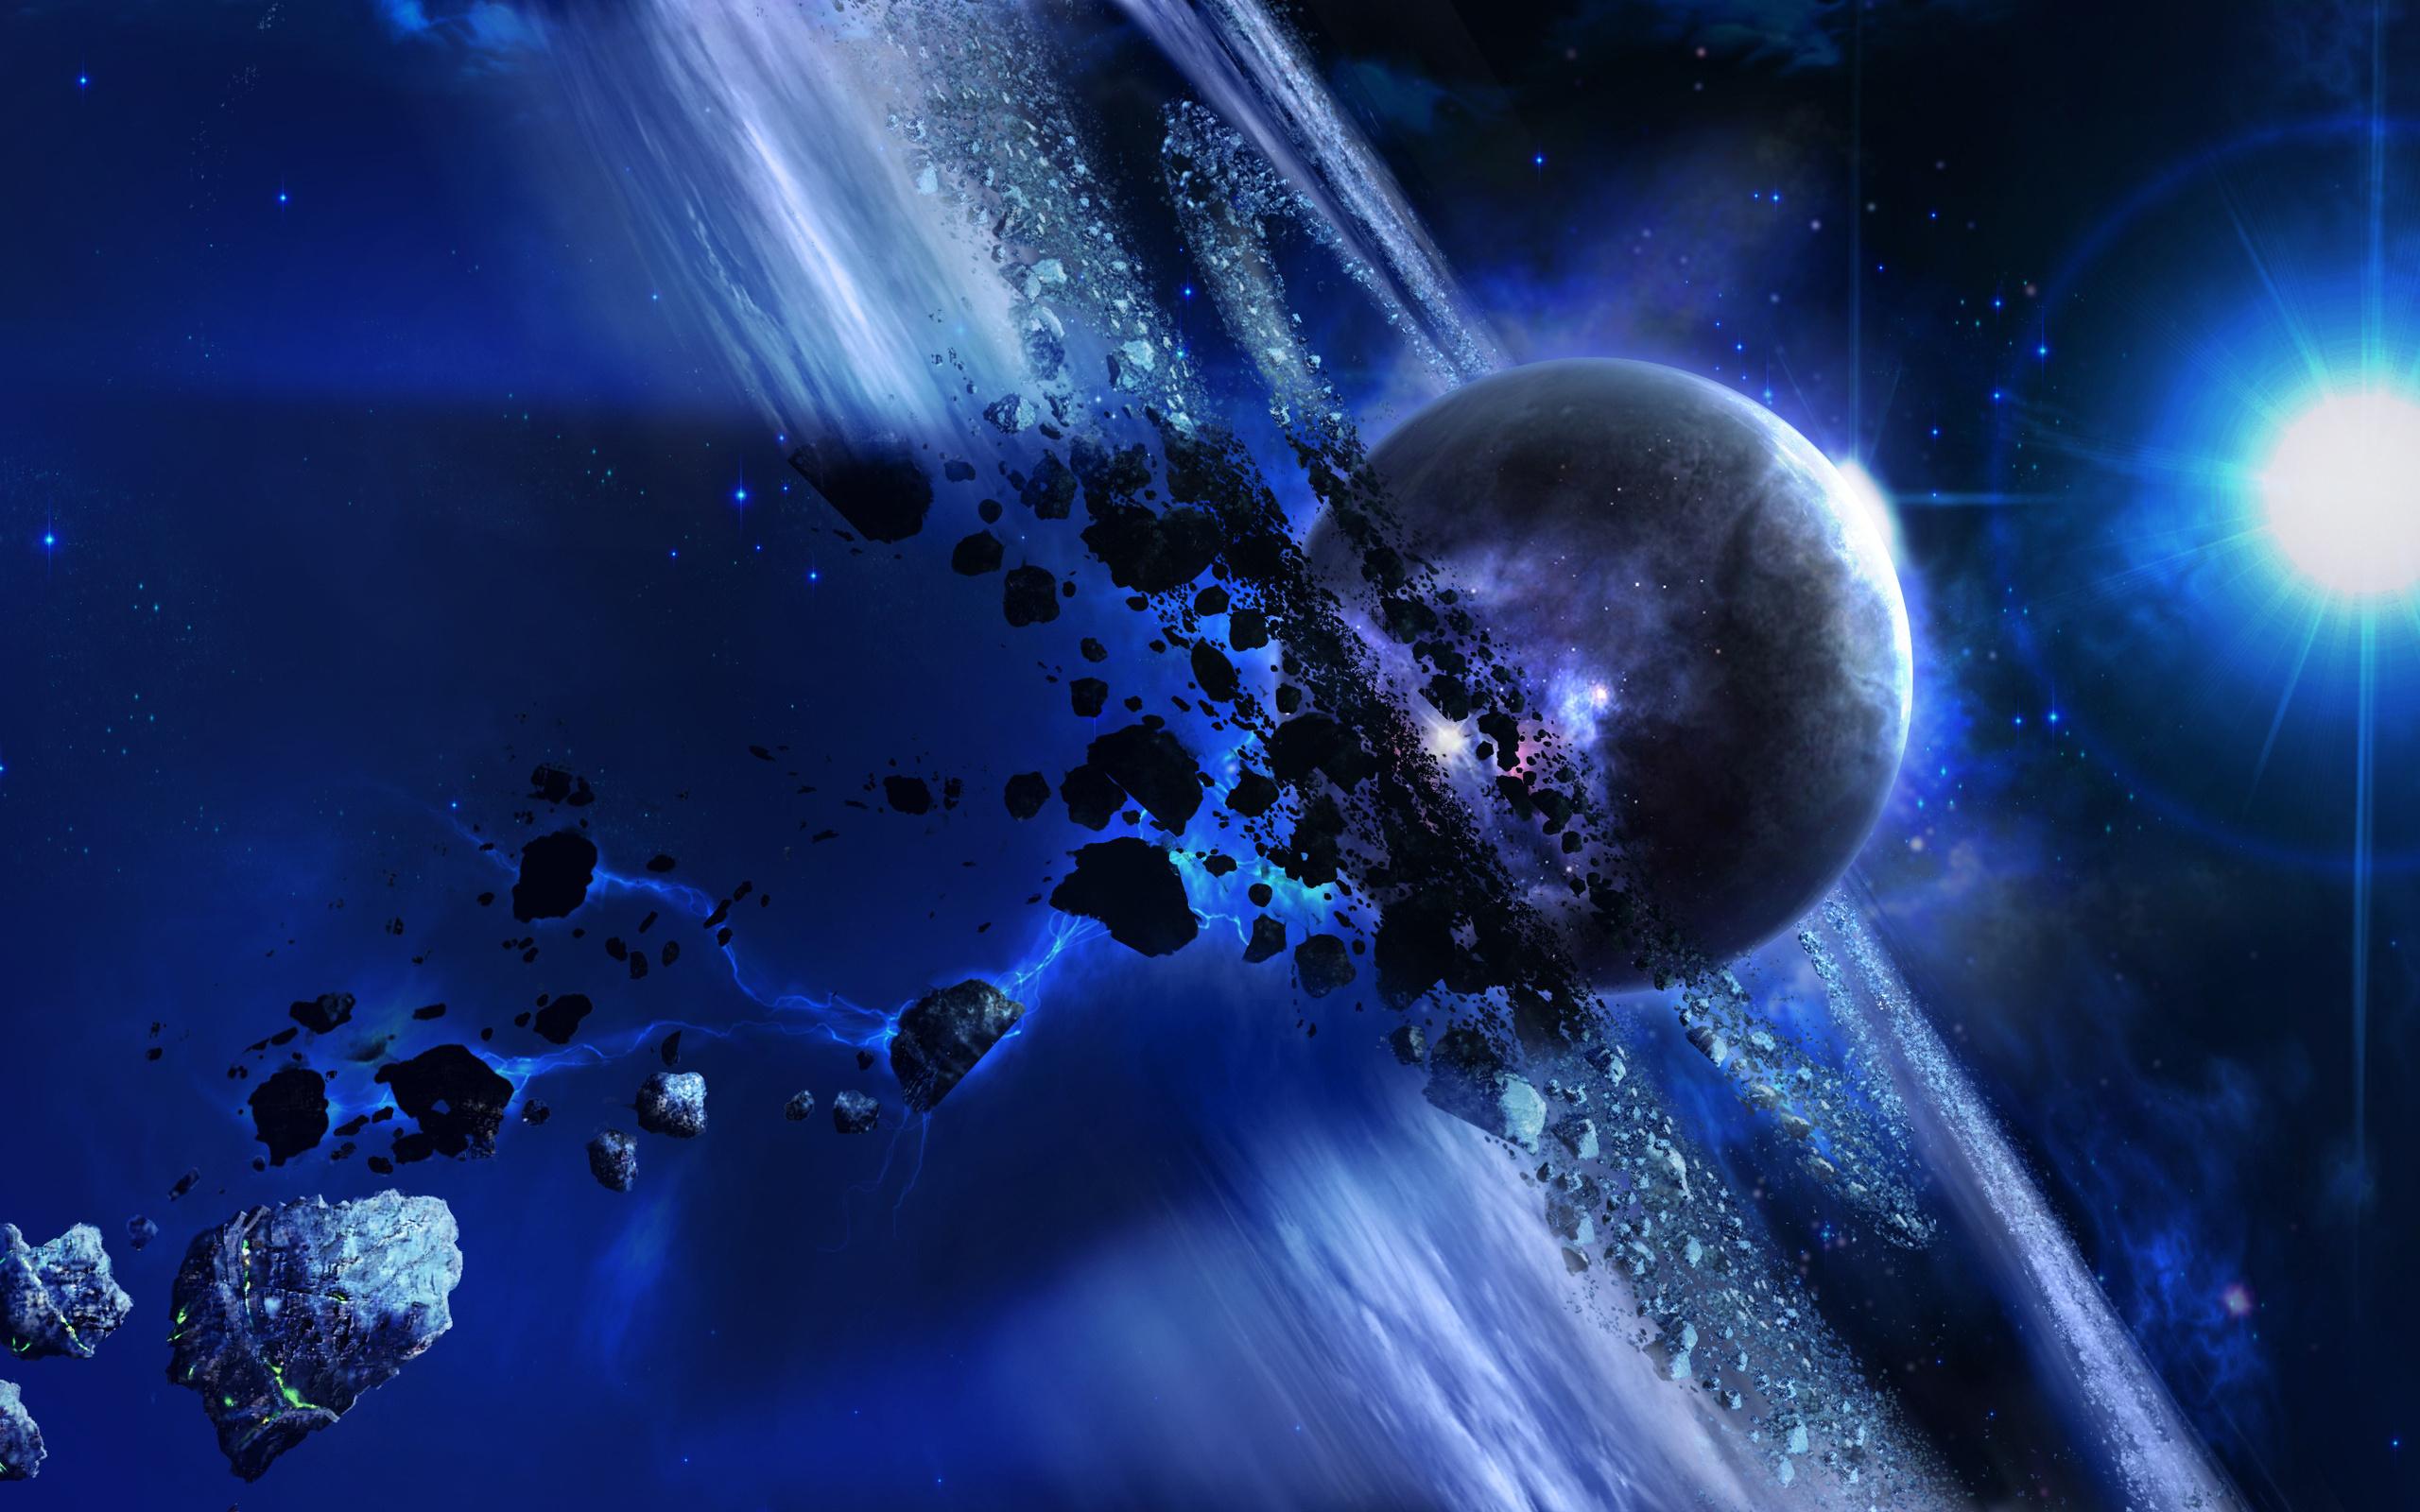 планета и метеоритные кольца, метеориты, яркая звезда